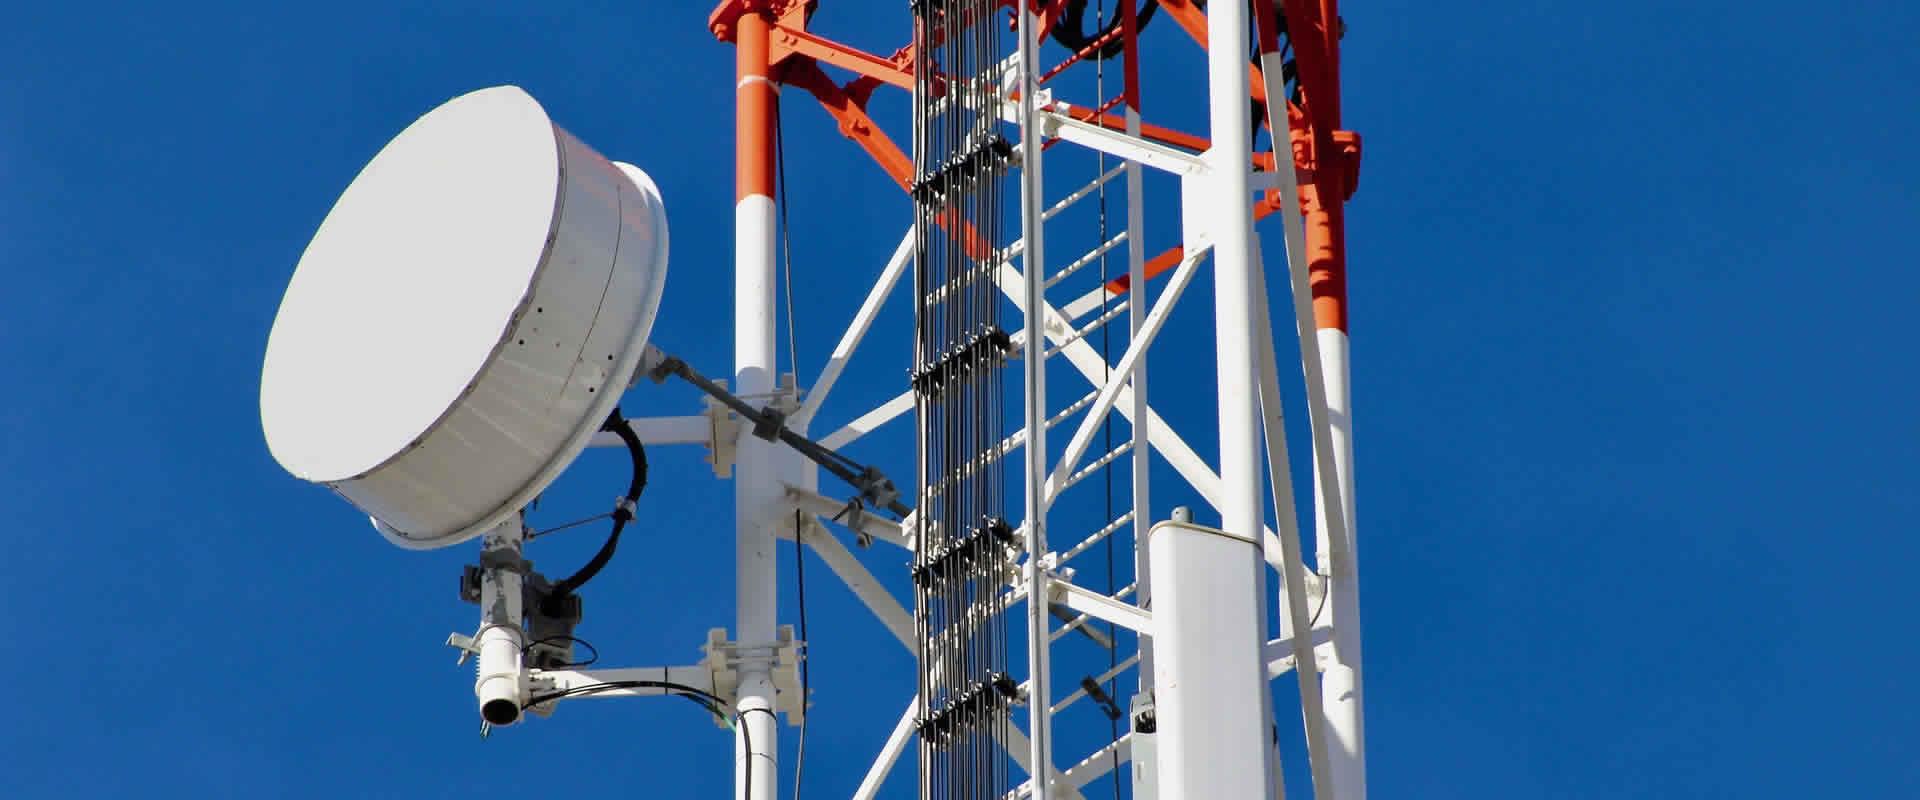 Antenne radio pouvant accueillir Lora